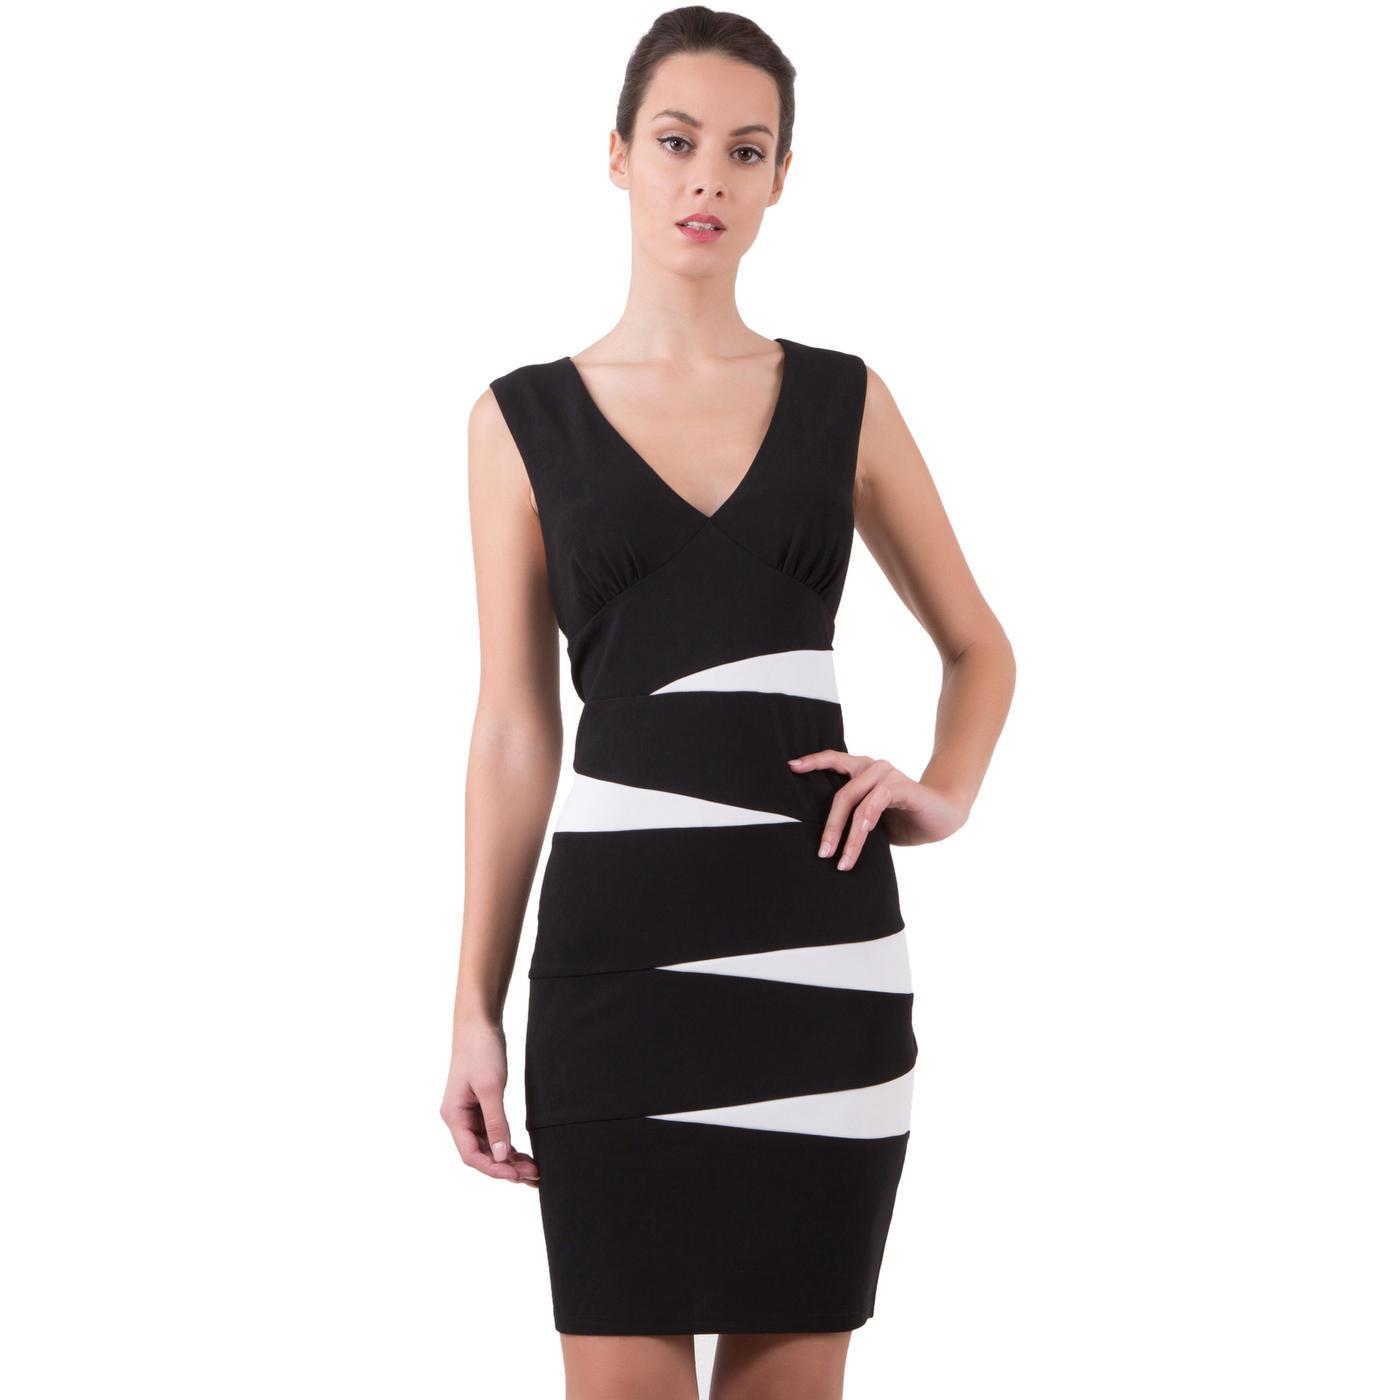 Robe bicolore noir et blanc